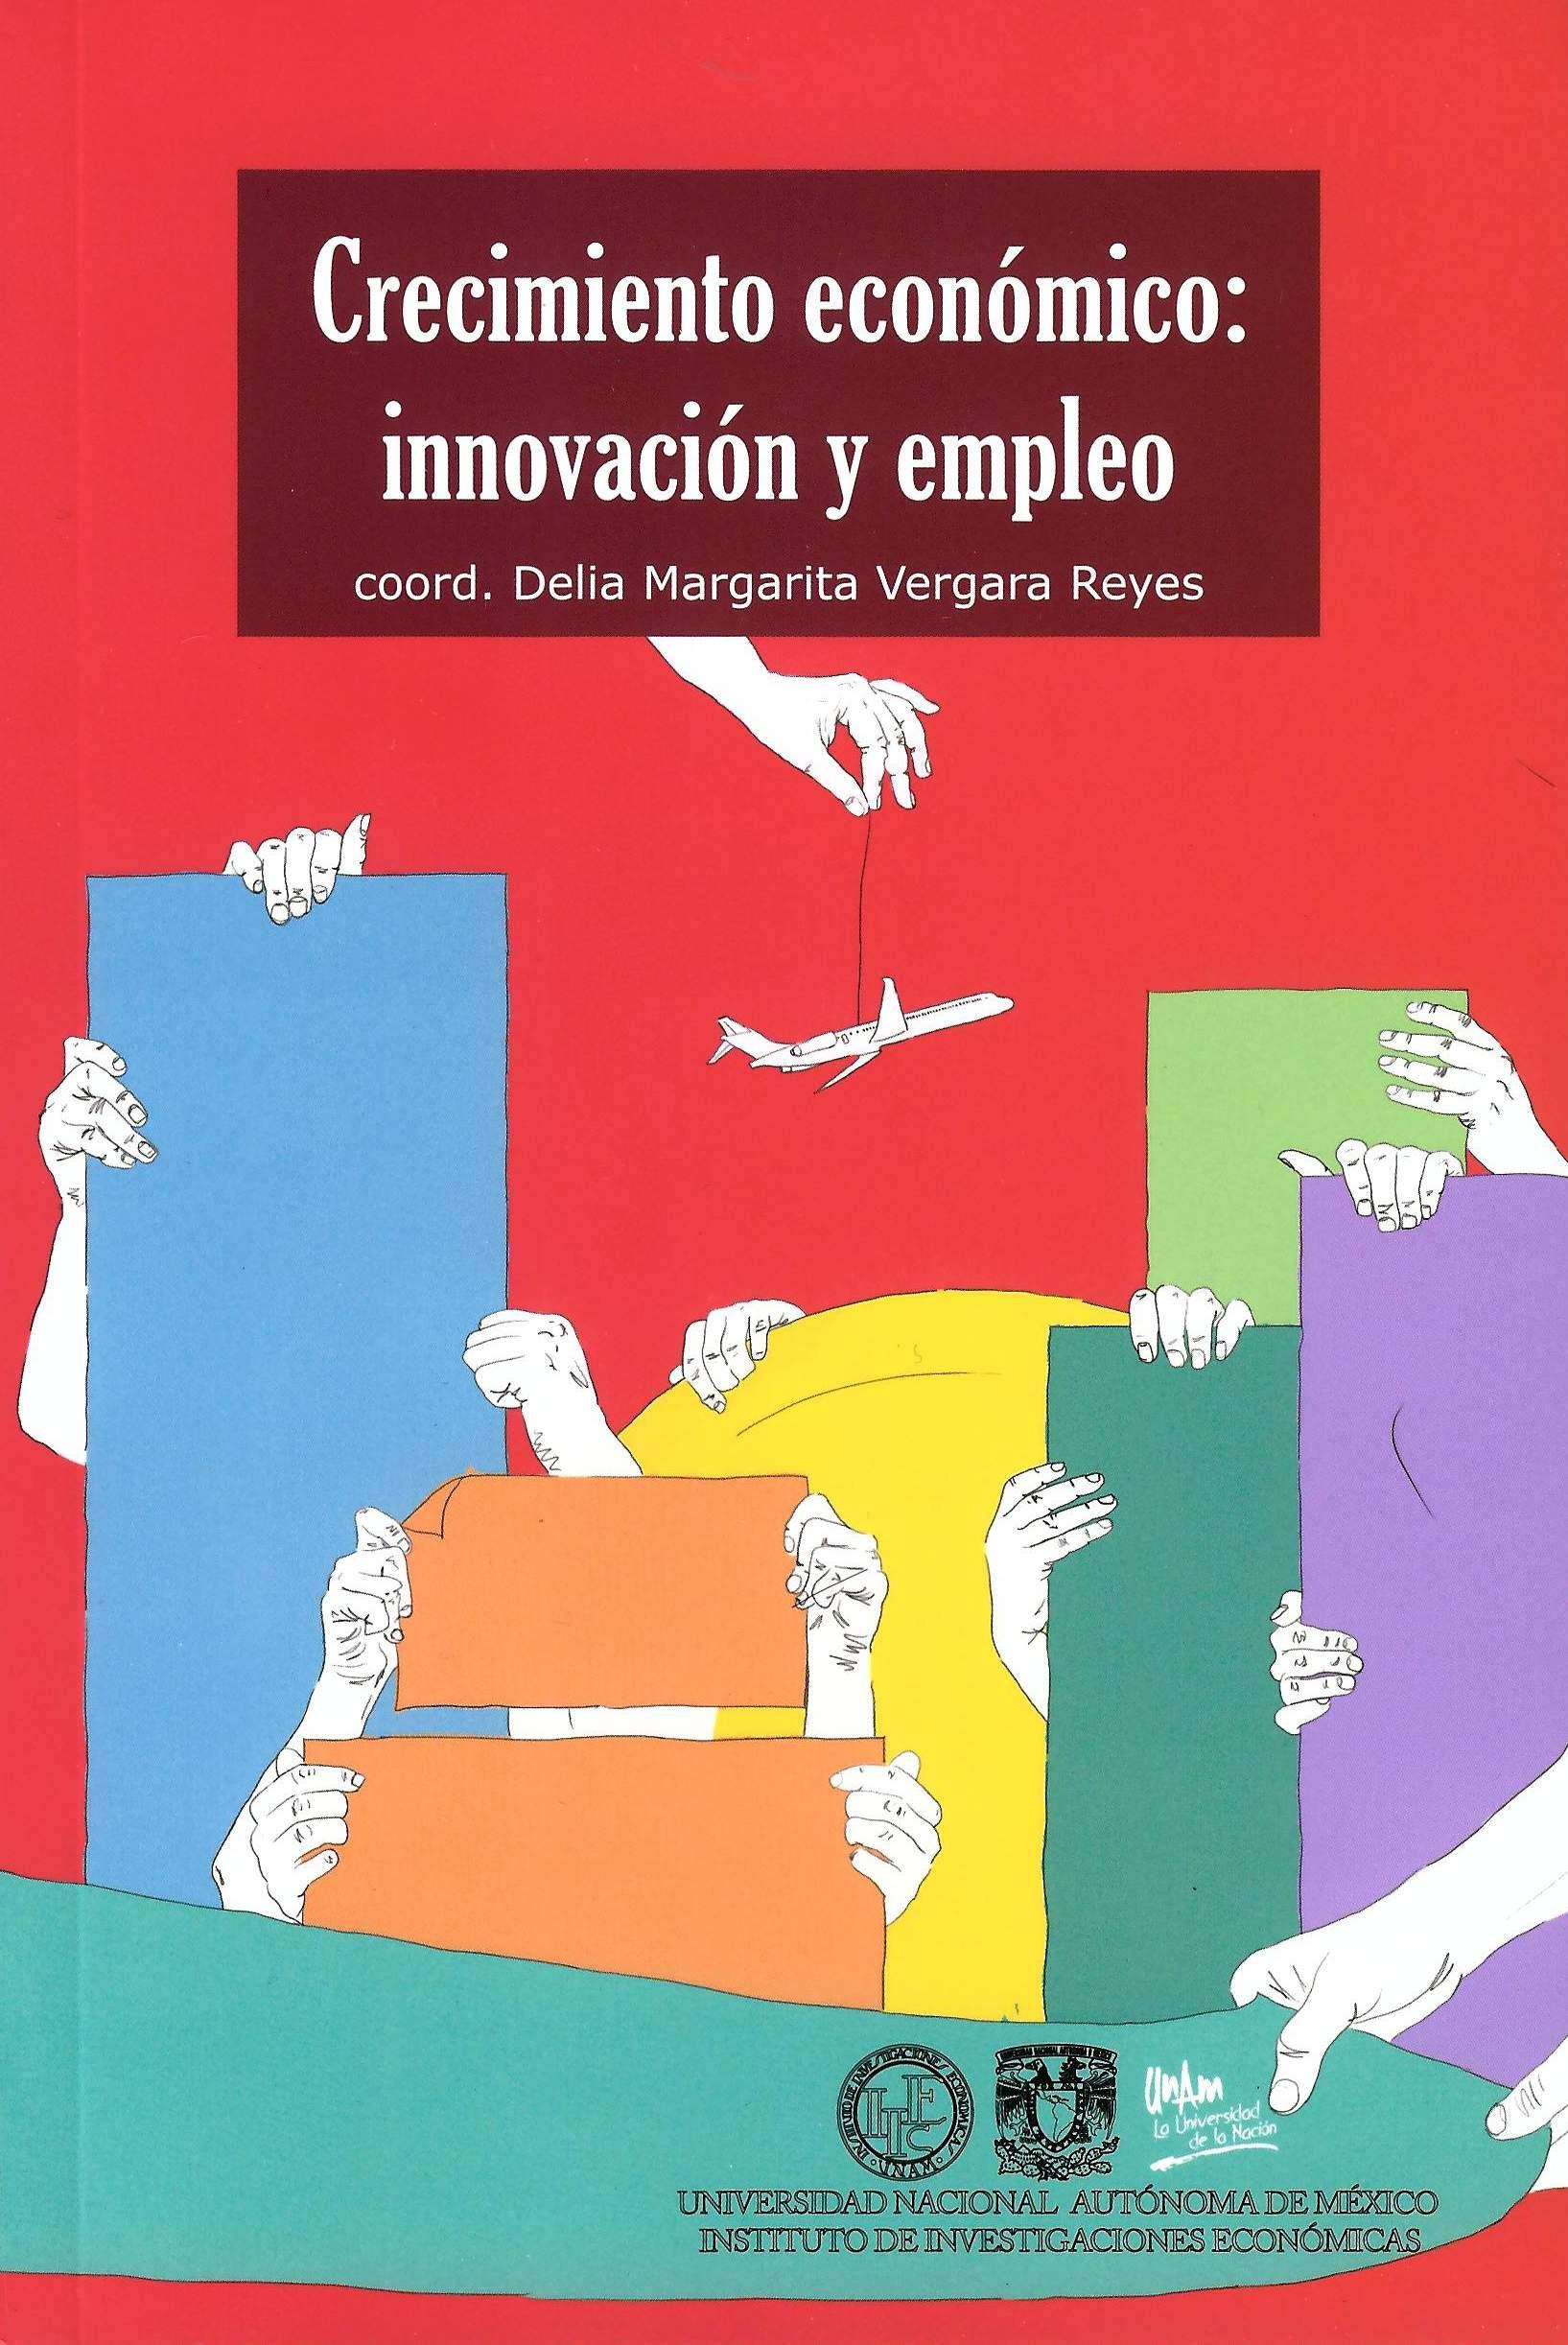 Crecimiento económico: innovación y empleo